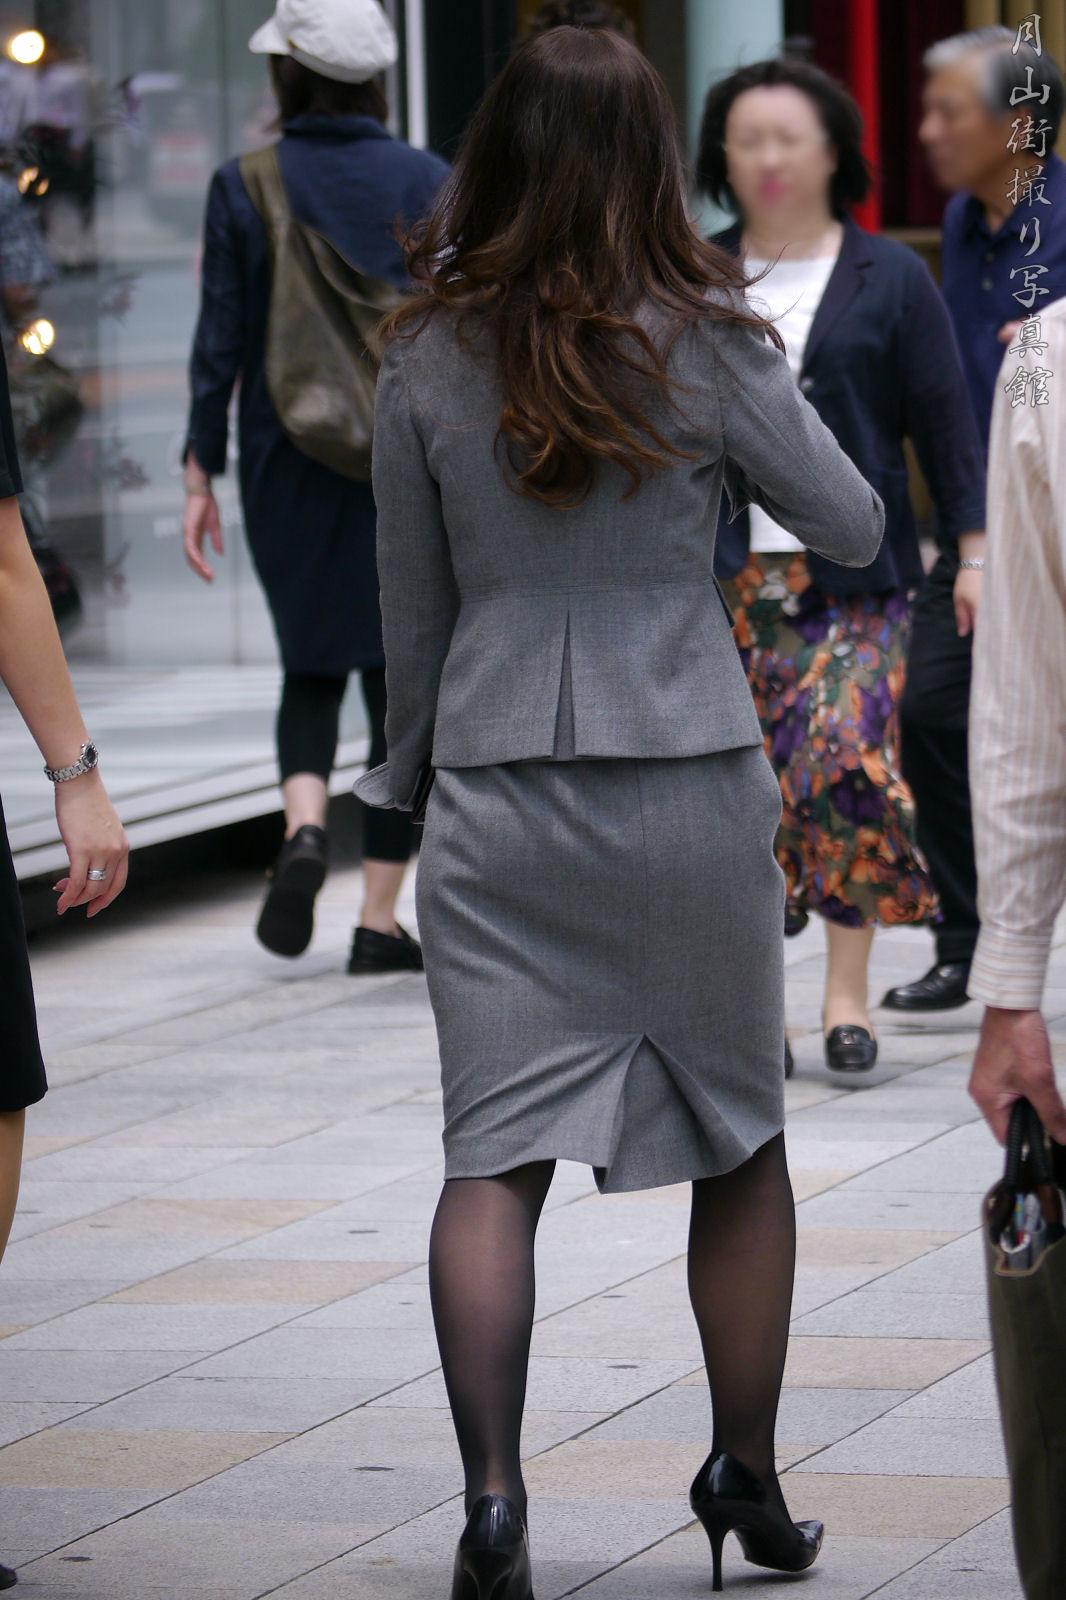 働くお姉さんのタイトスカートと黒パンスト姿がエロイ15枚目